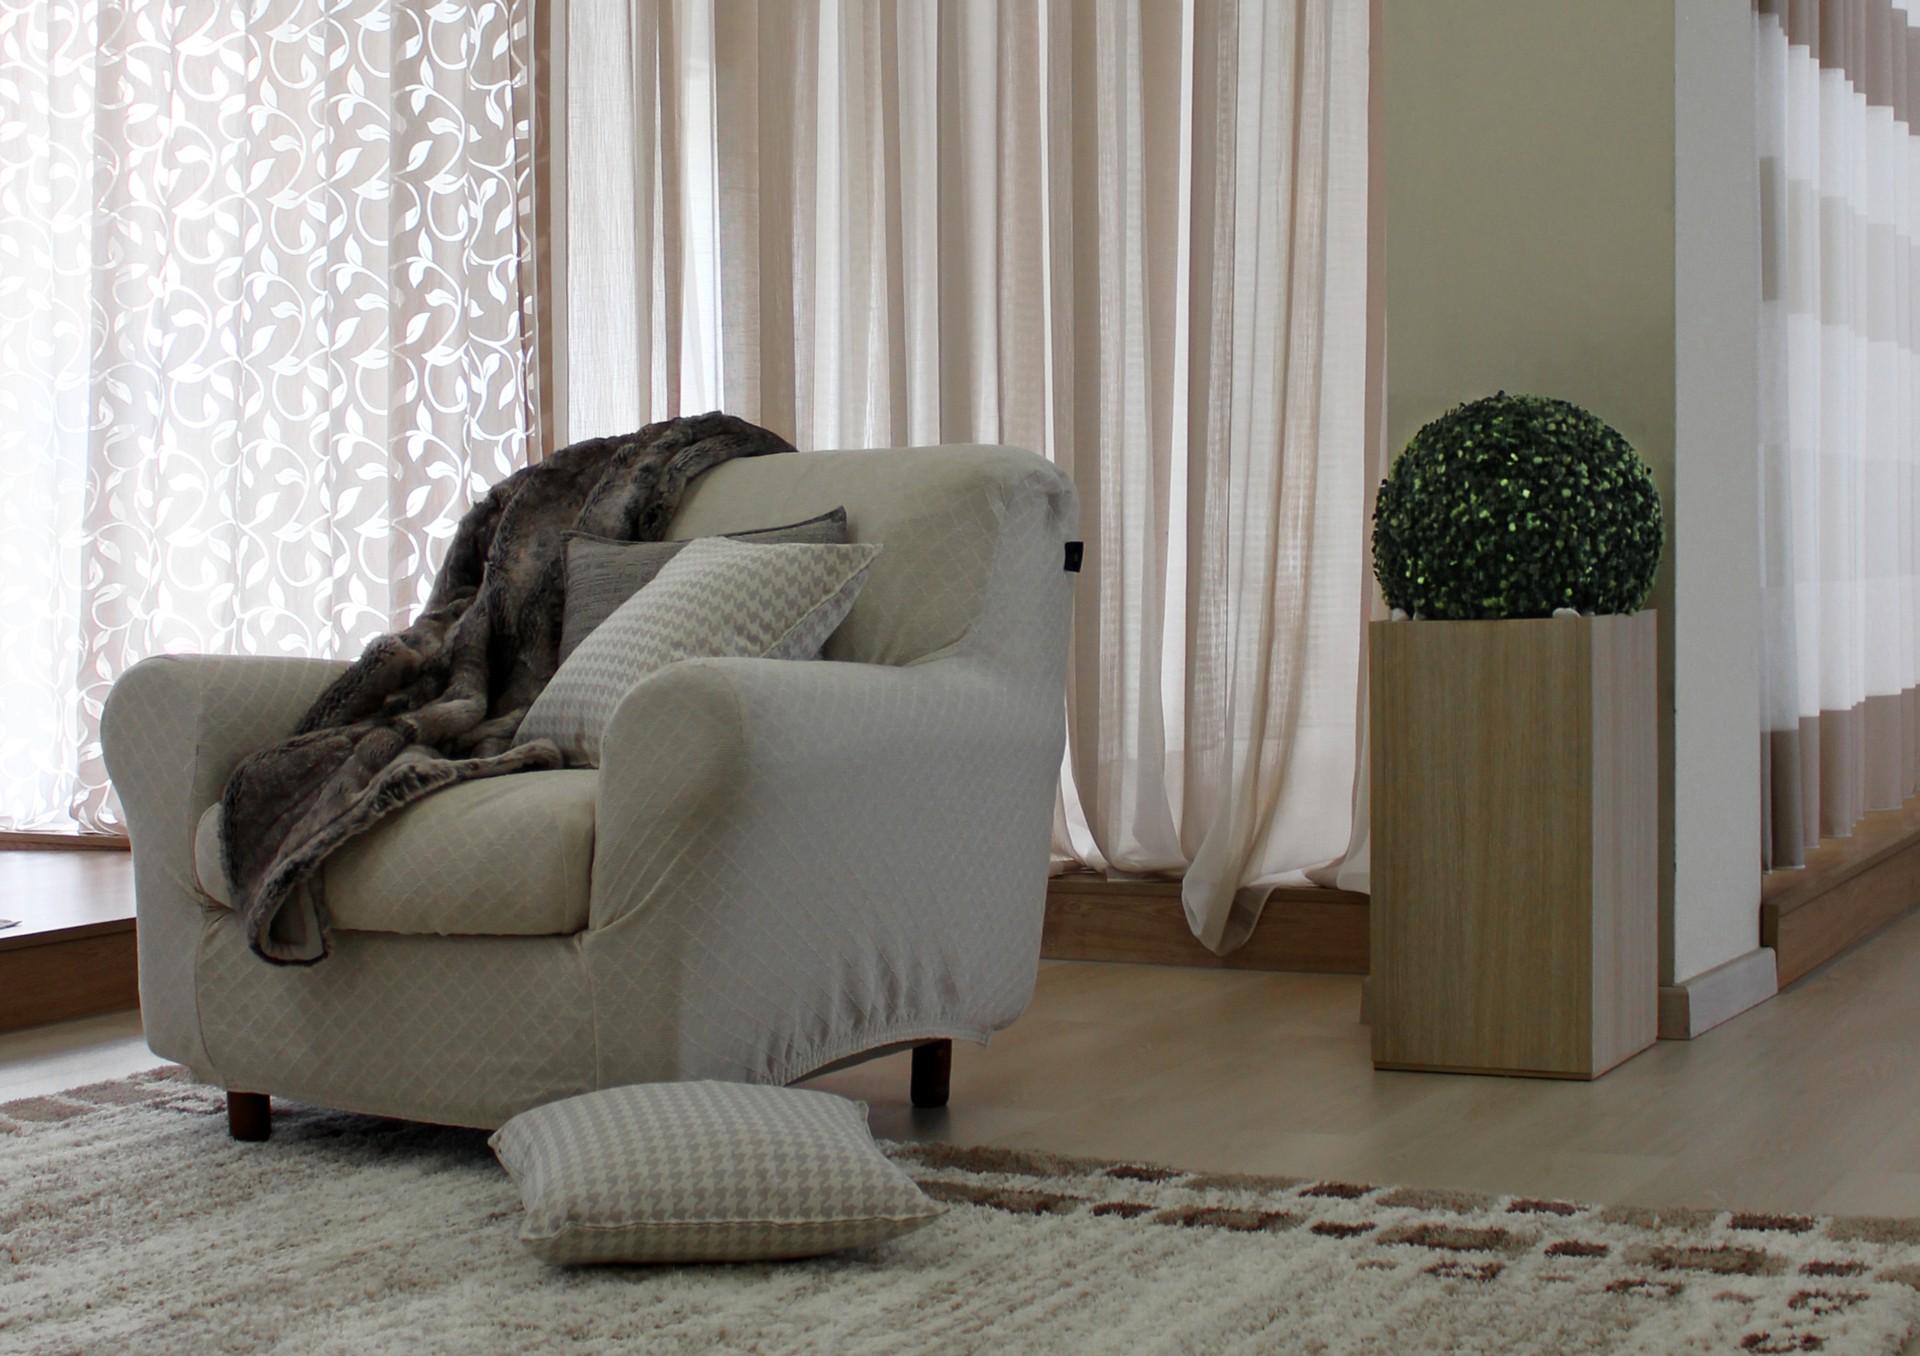 Casa Del Tappezziere Seregno centro tessile arredamento | azienda tessile monza e brianza